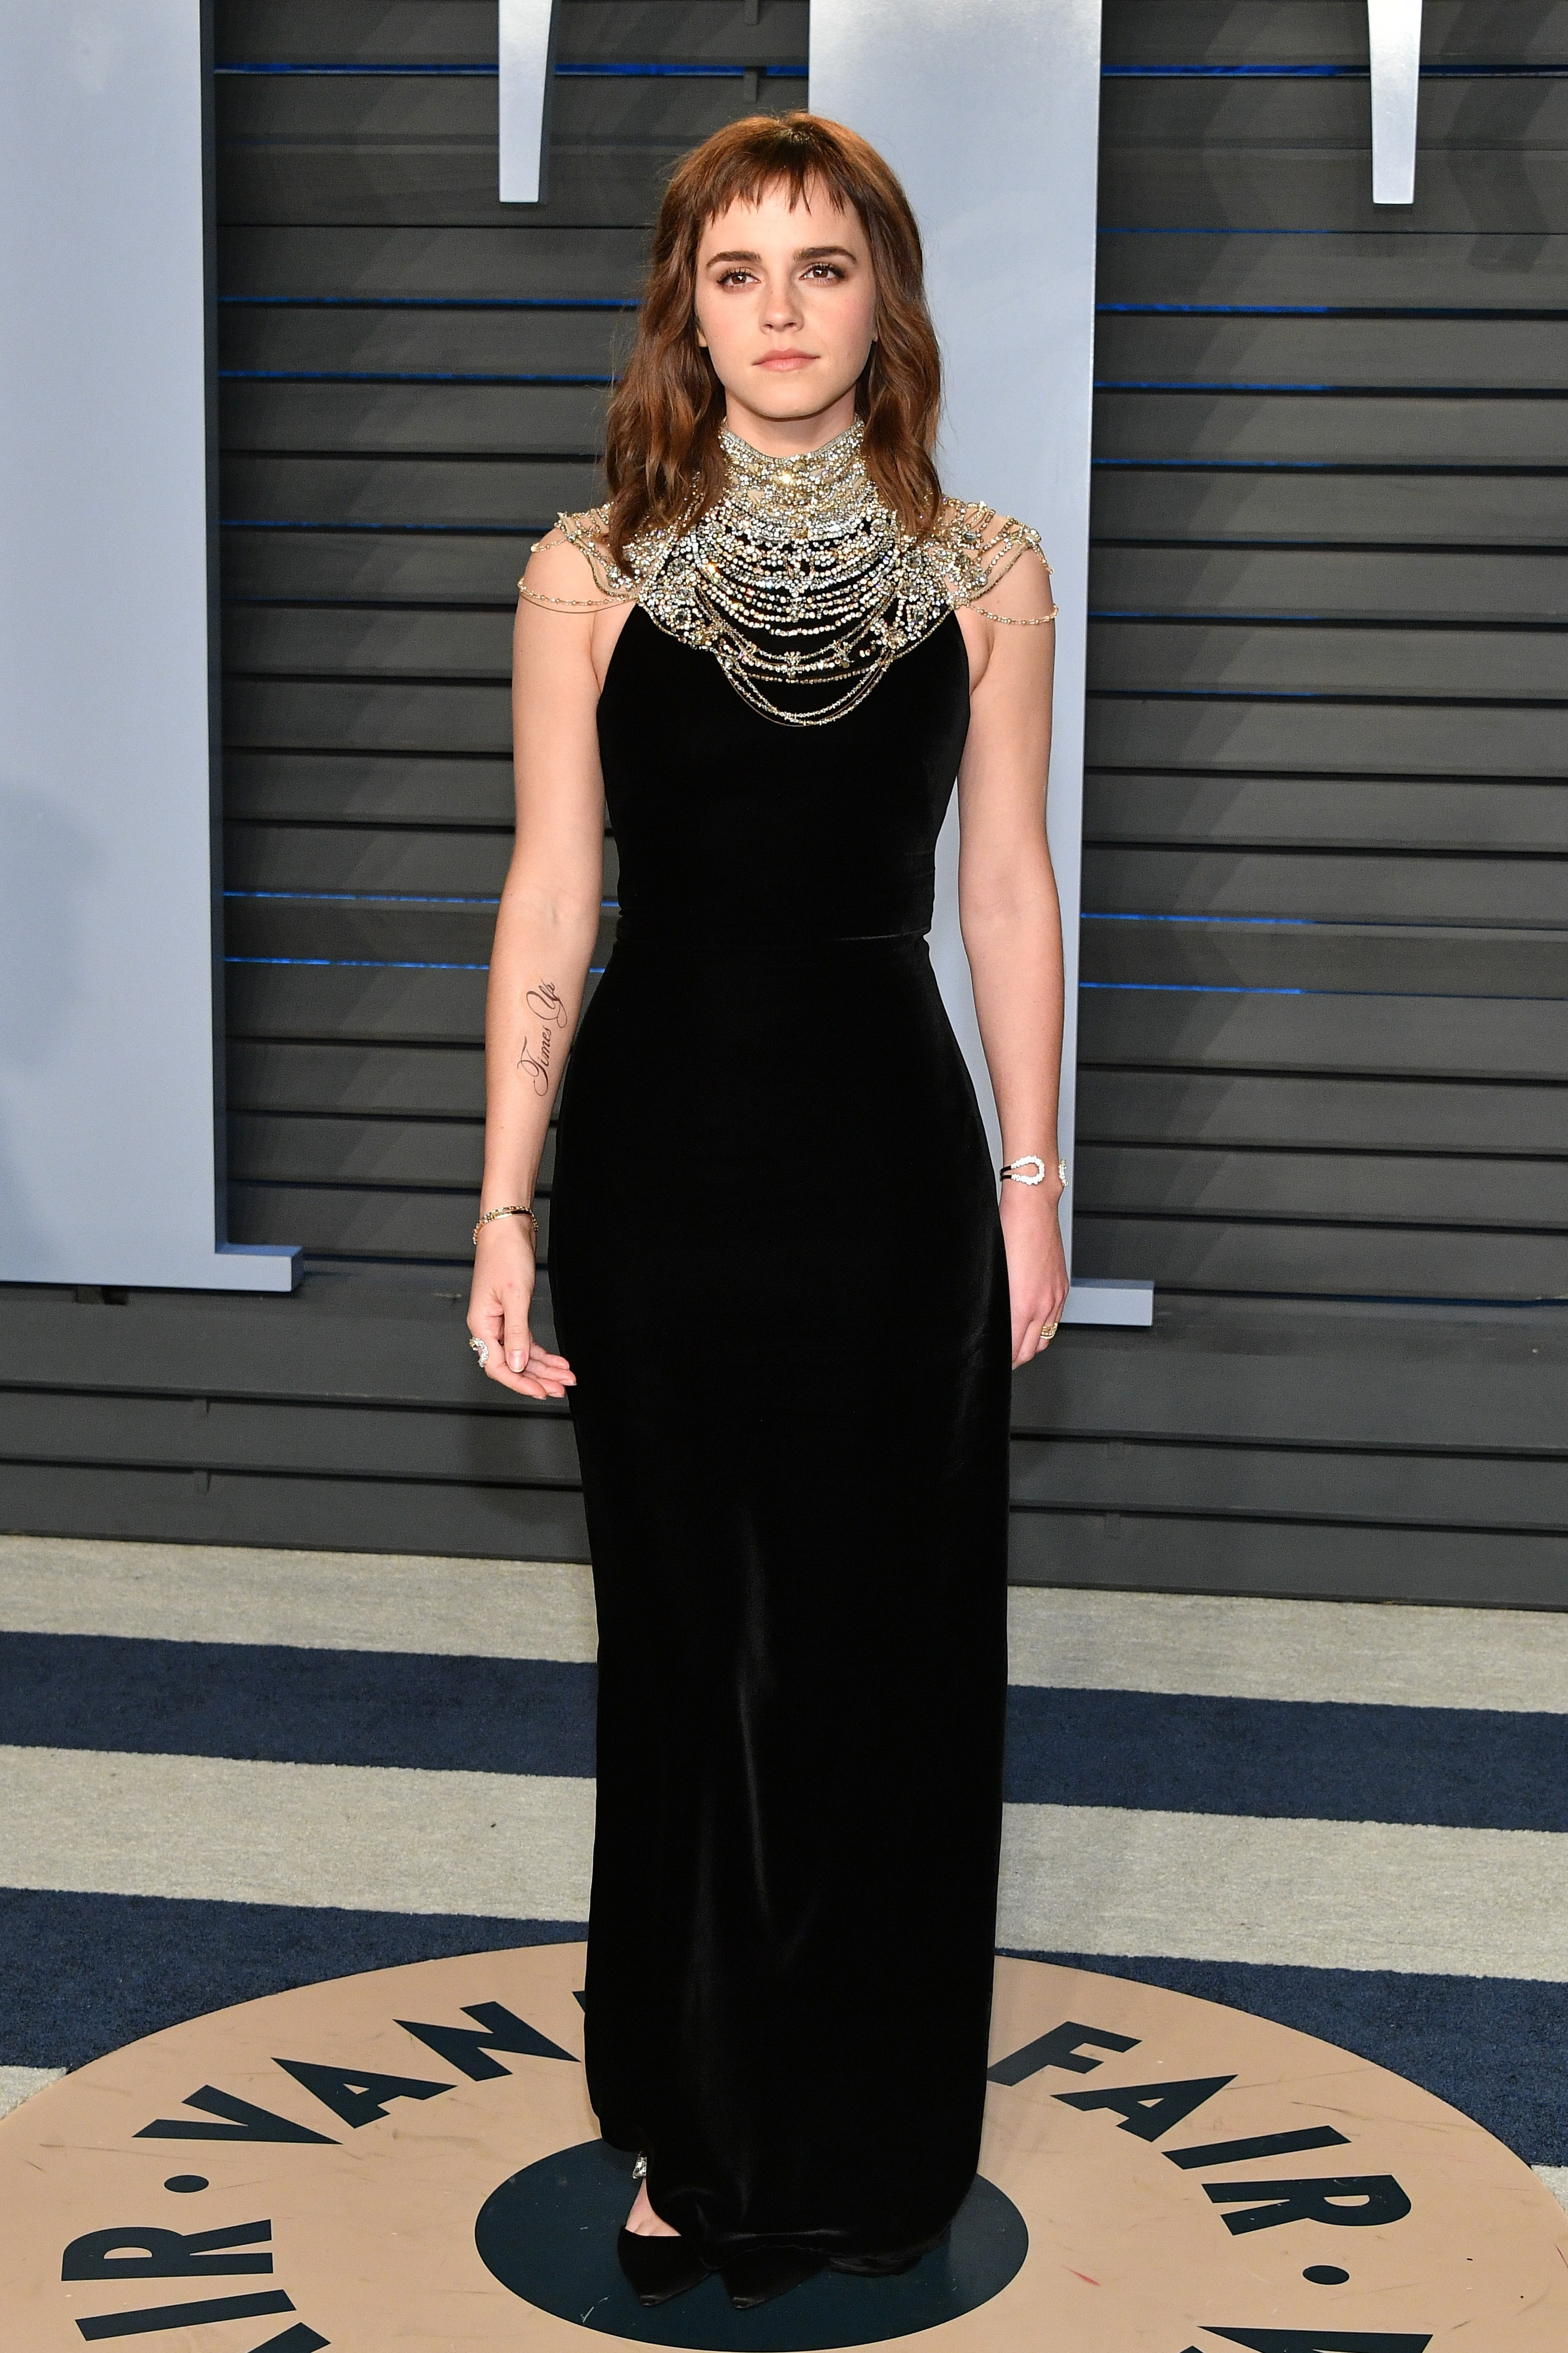 A tatuagem com a grafia errada no braço da atriz Emma Watson (Foto: Getty Images)